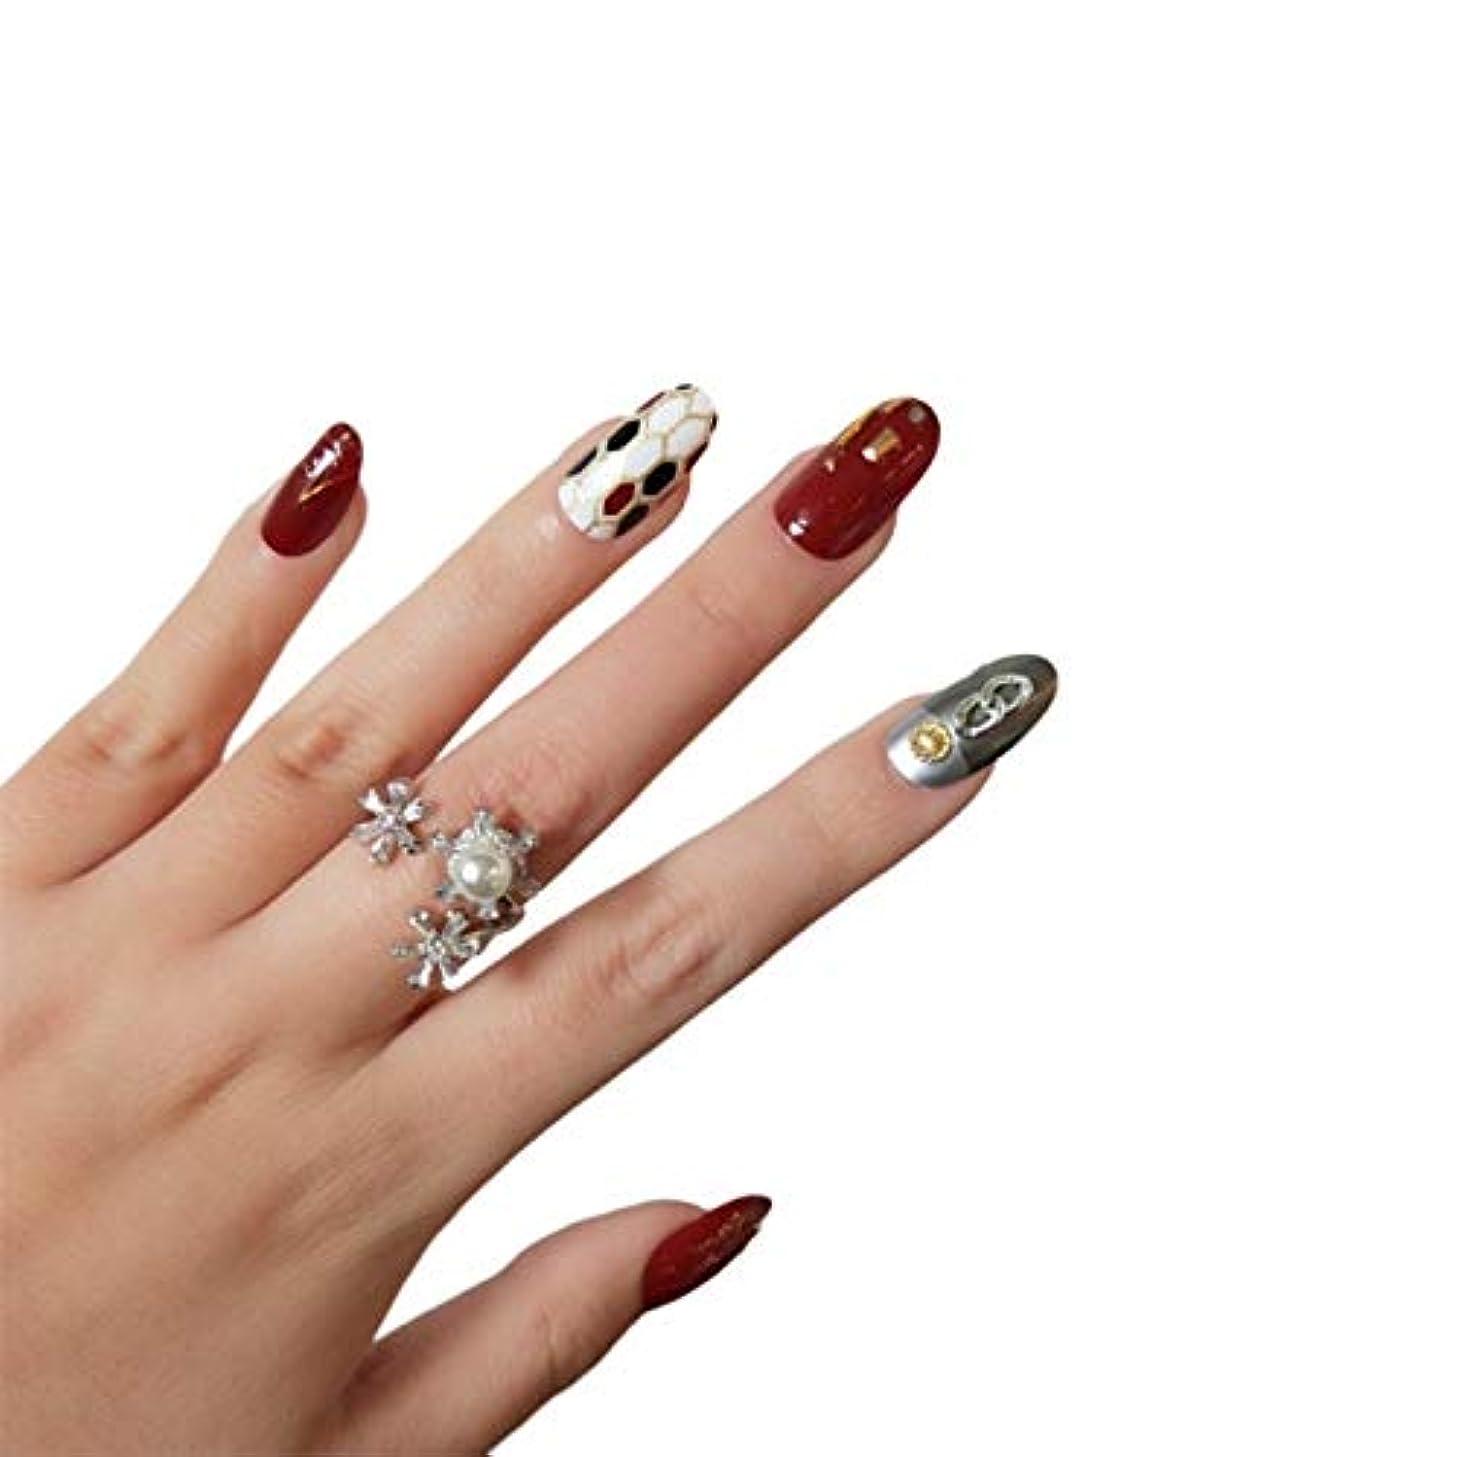 アラビア語吸う単なるNANNAN ネイルチップ ネイルチップ つけ爪 付け爪 つけ方簡単 ネイル デコネイルコレクション シール ハロウィン 母の日 パーティ 人気 毎日変身 24枚セット